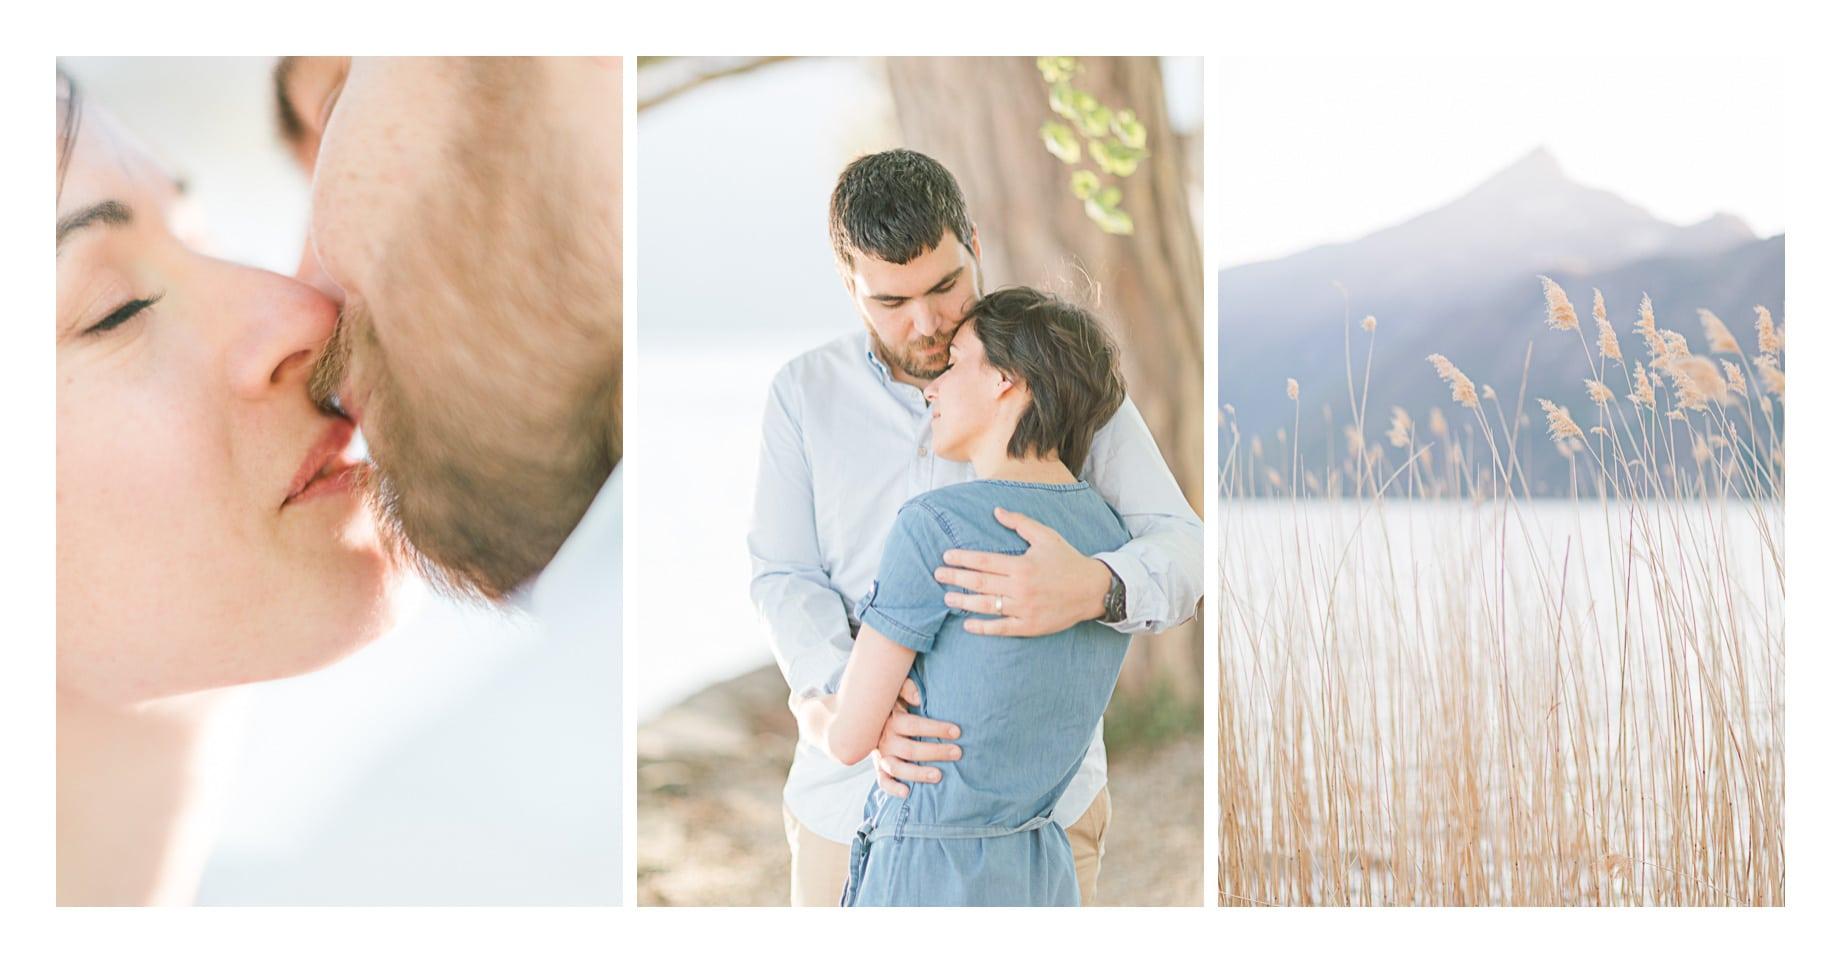 Séance photos de portrait de couple à Annecy près de Genève, il y a 3 photos une photos avec un baiser, un ou le couple s'enlace, une autre du lac